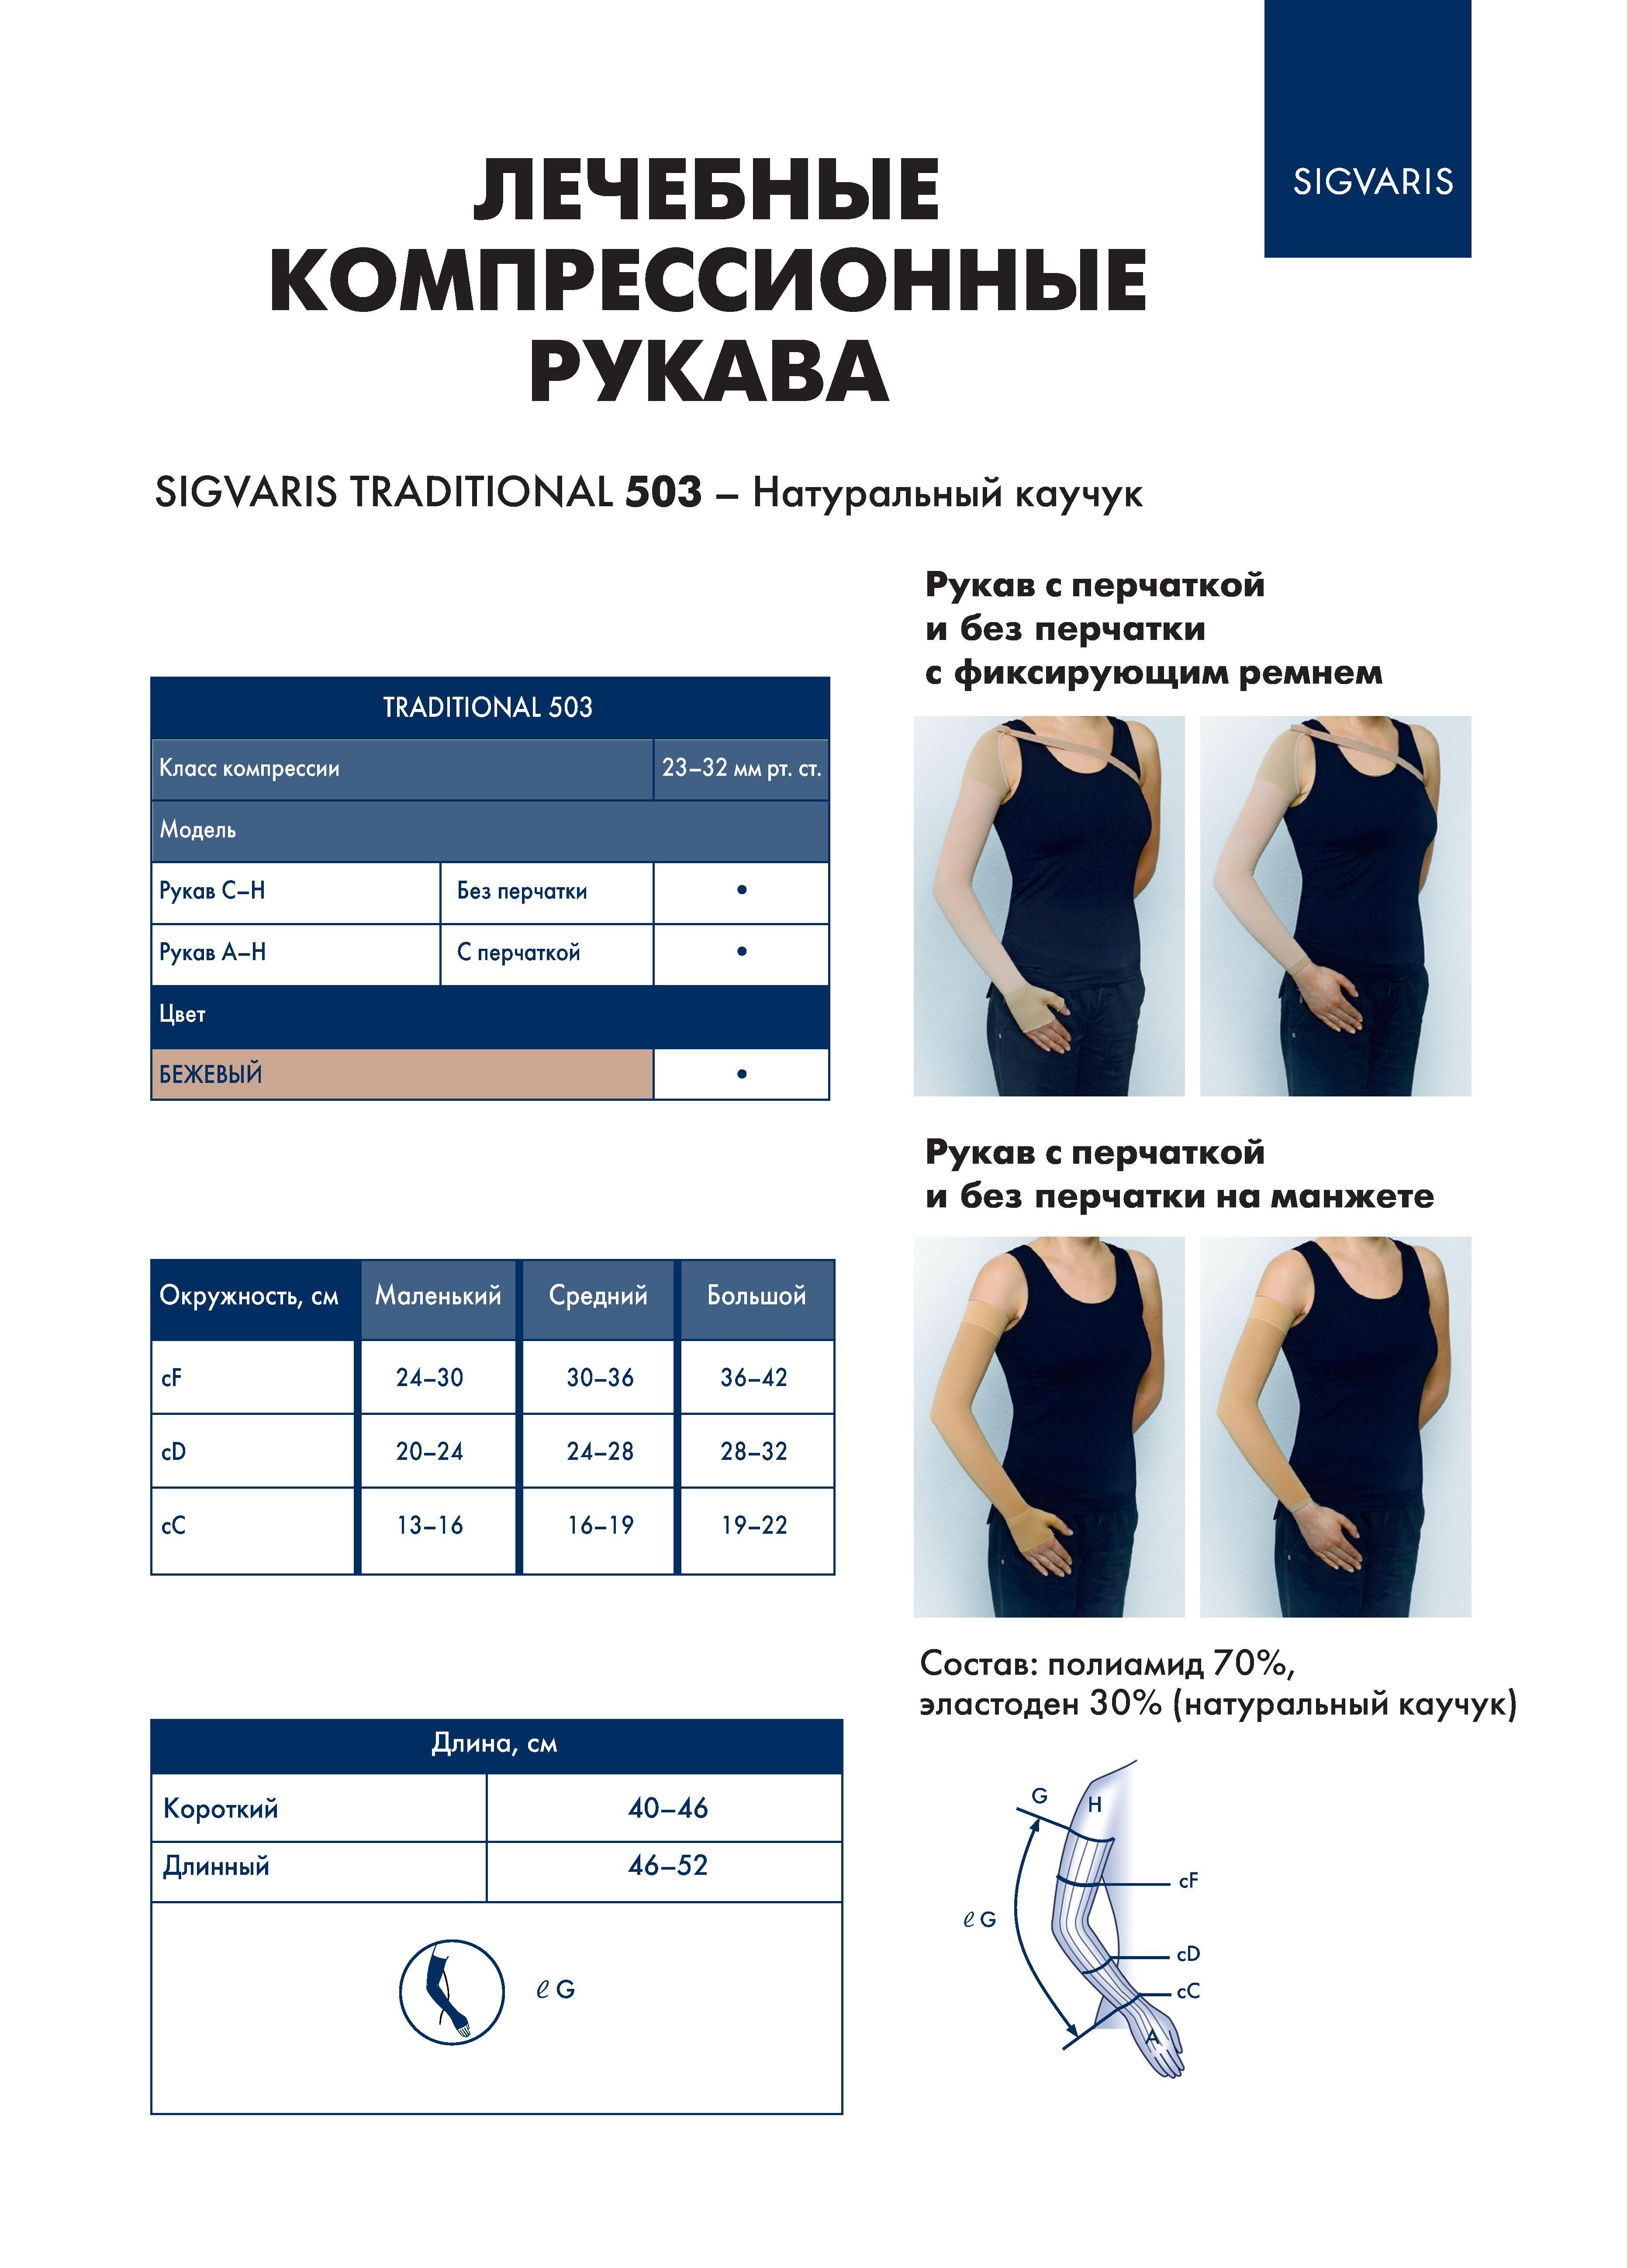 Схема определения размера изделий серии  Traditional для рукава